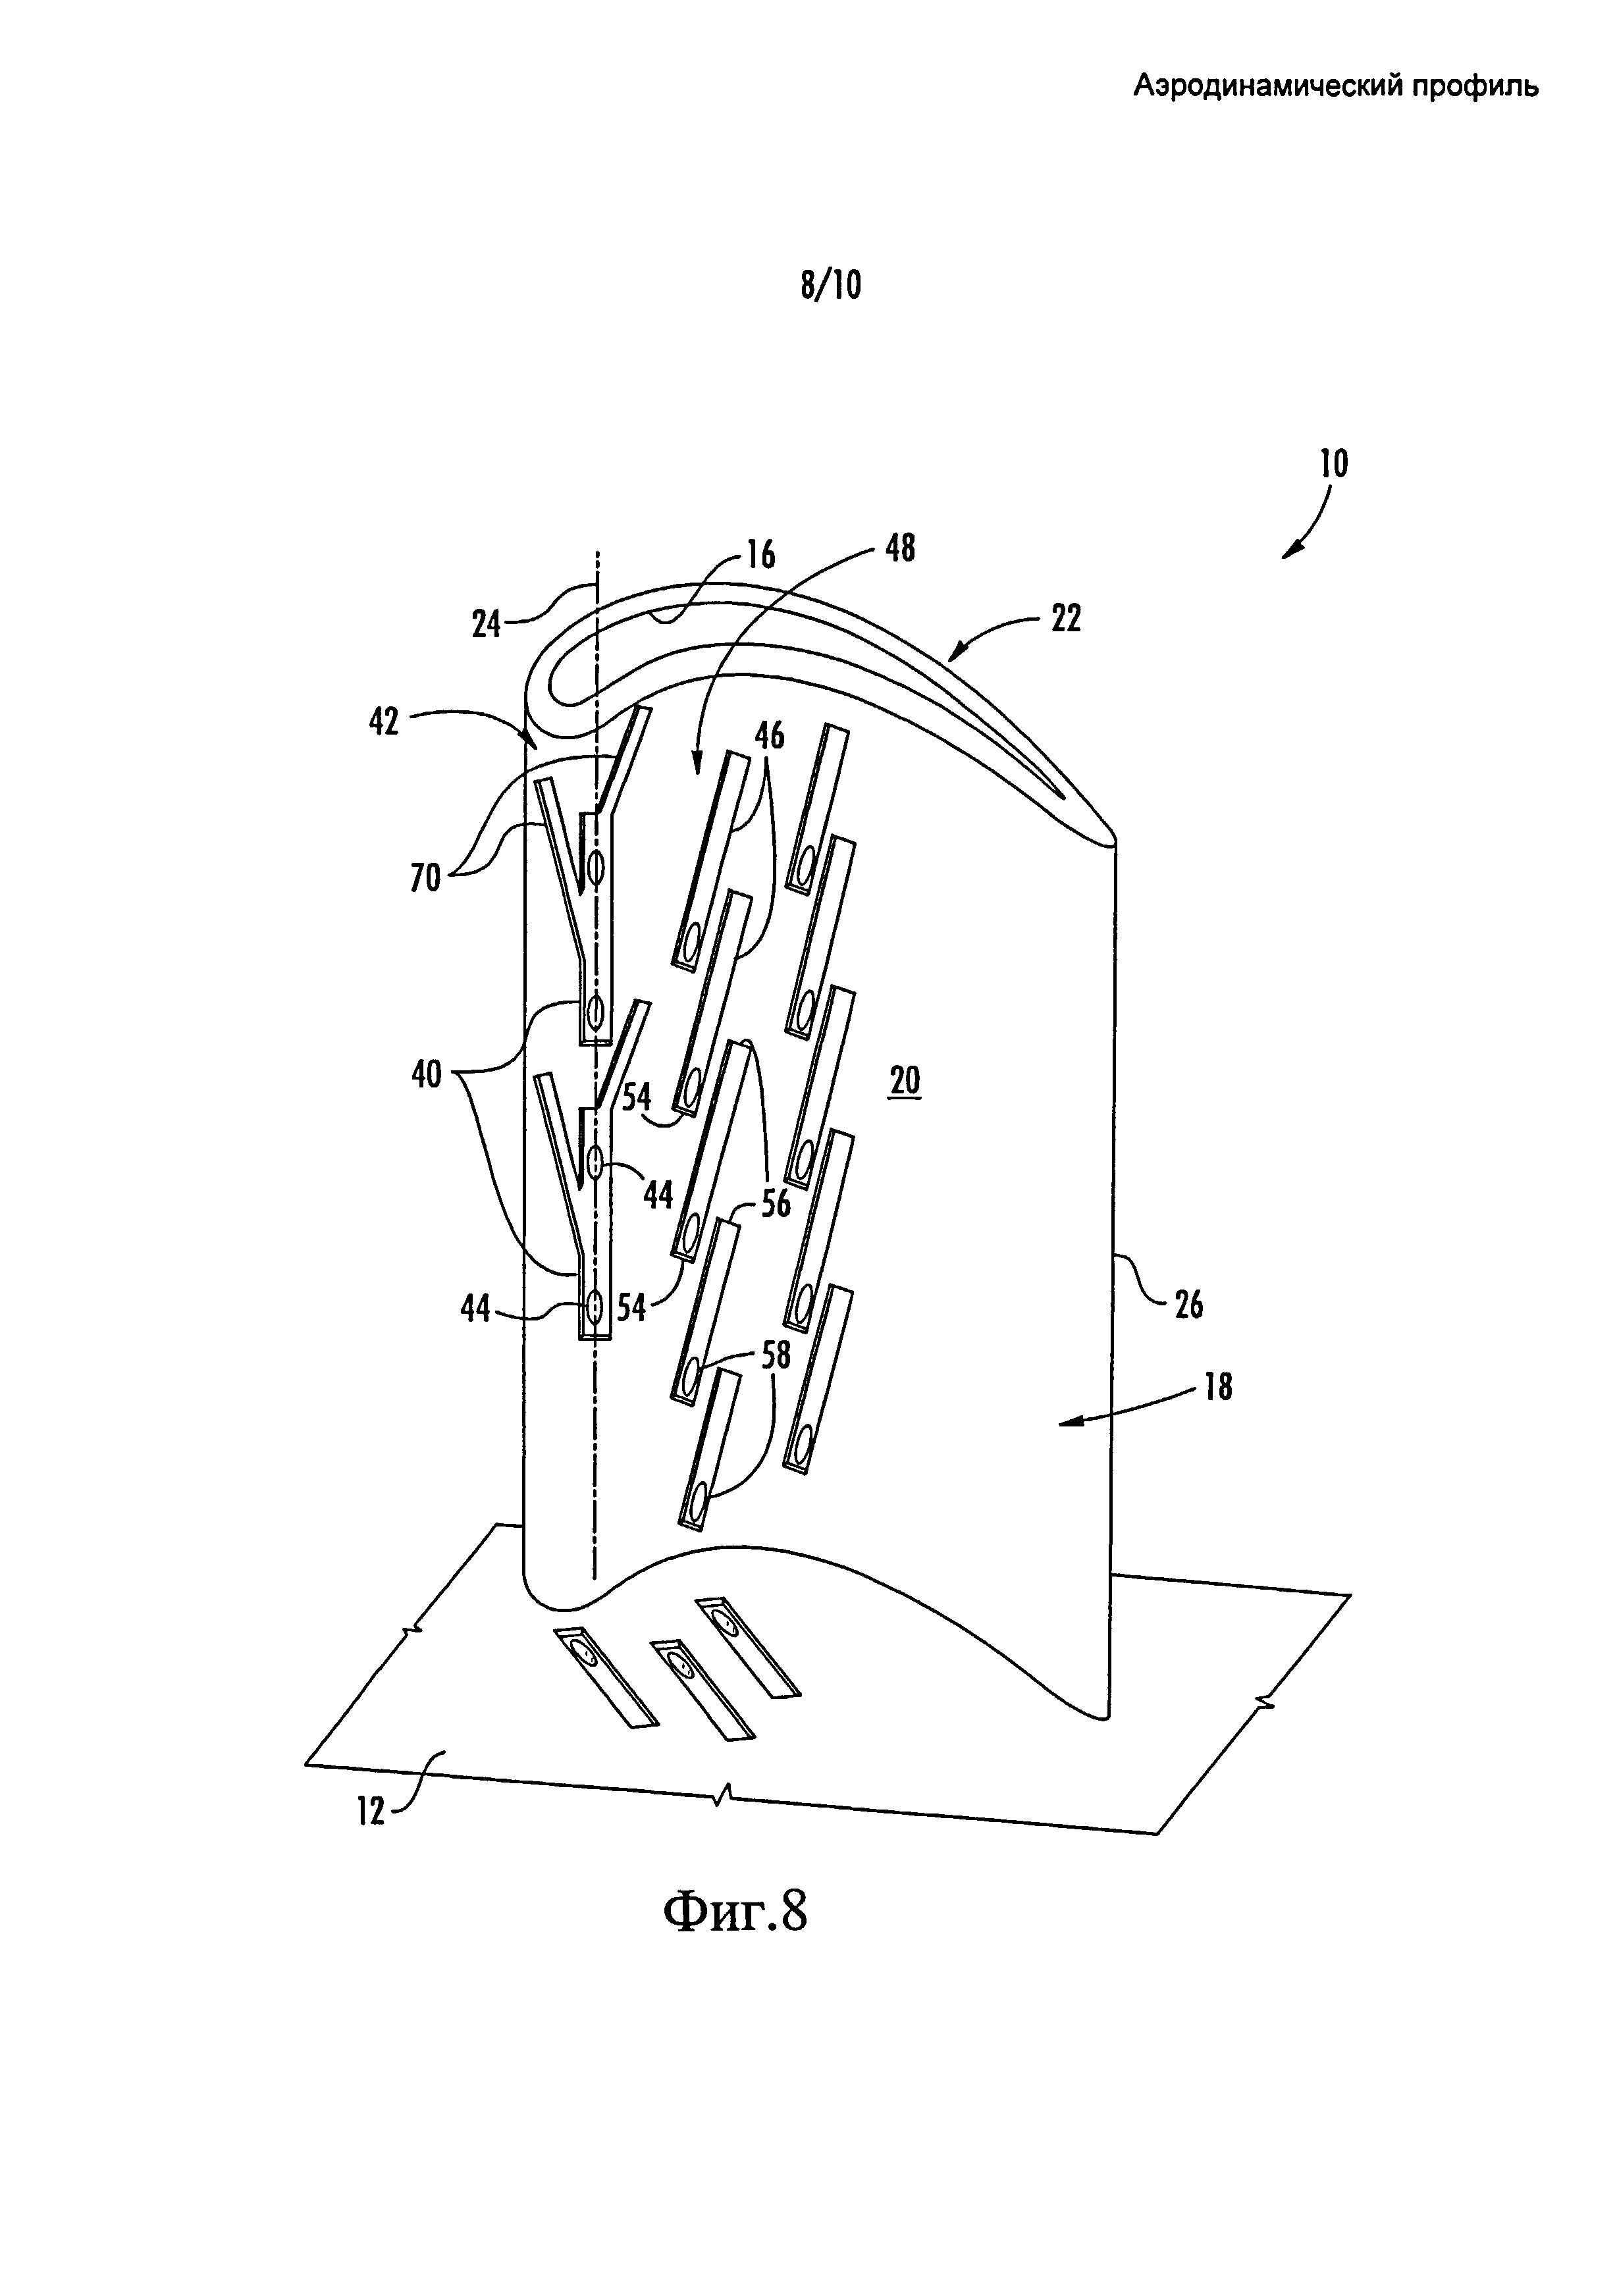 Аэродинамический профиль